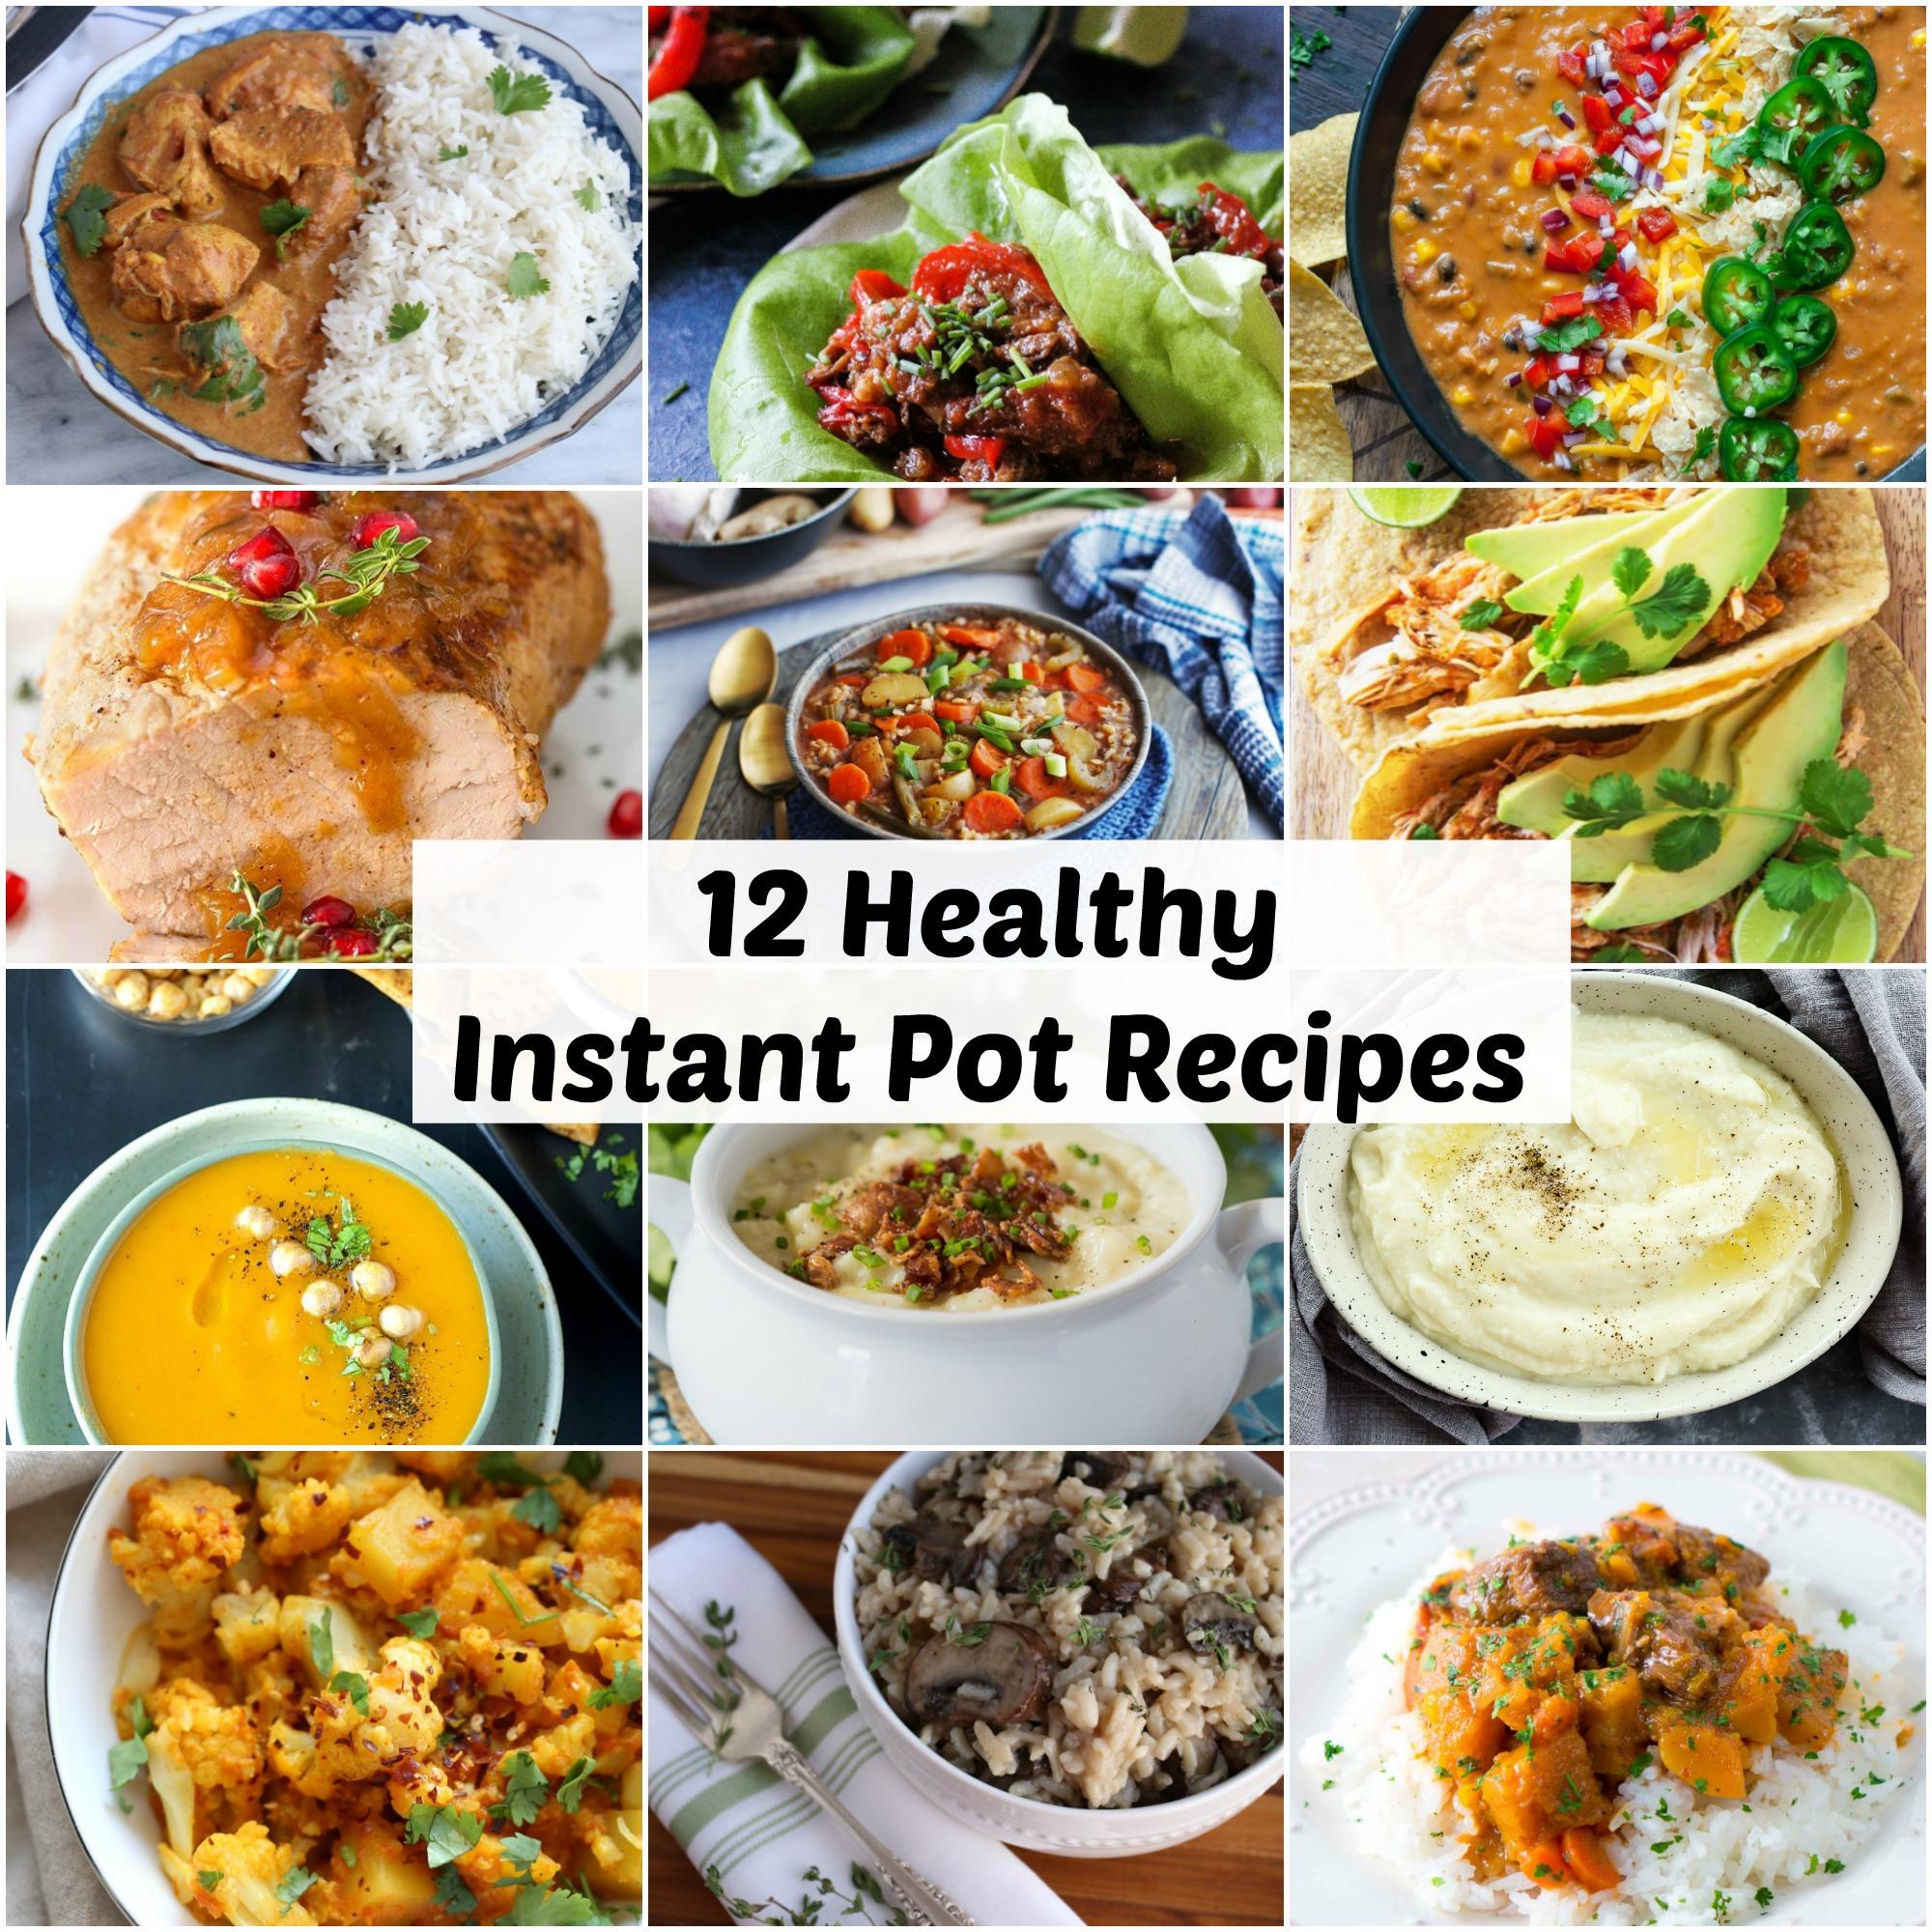 12 Healthy Instant Pot Recipes